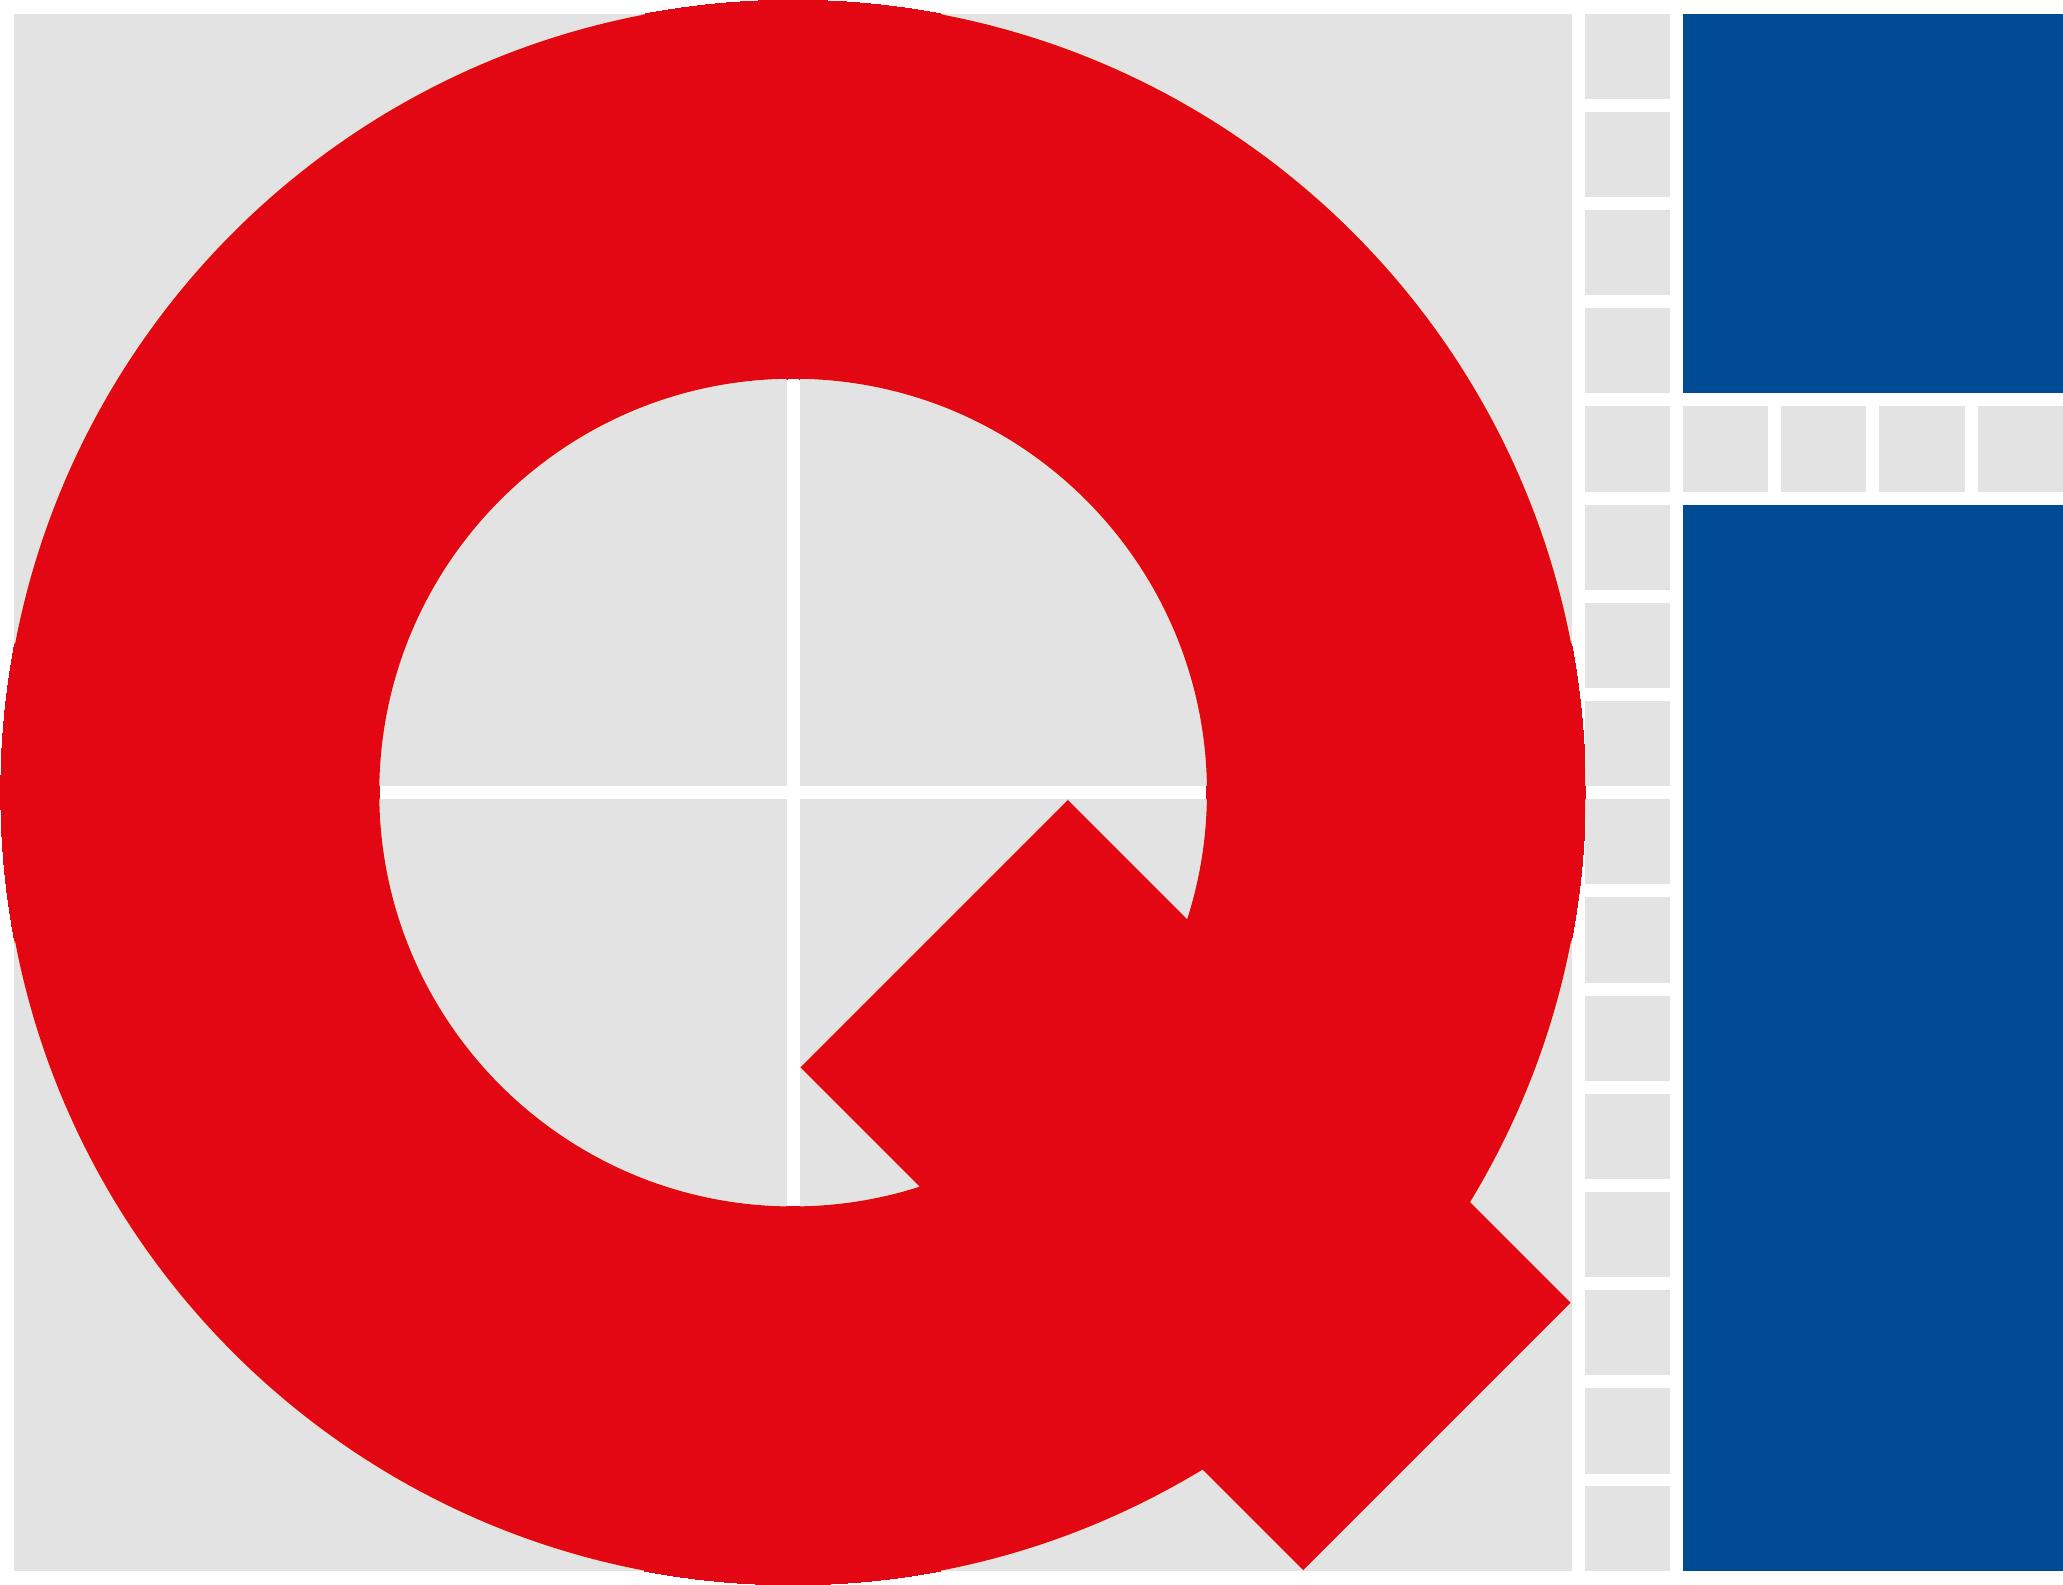 Informačný systém QI